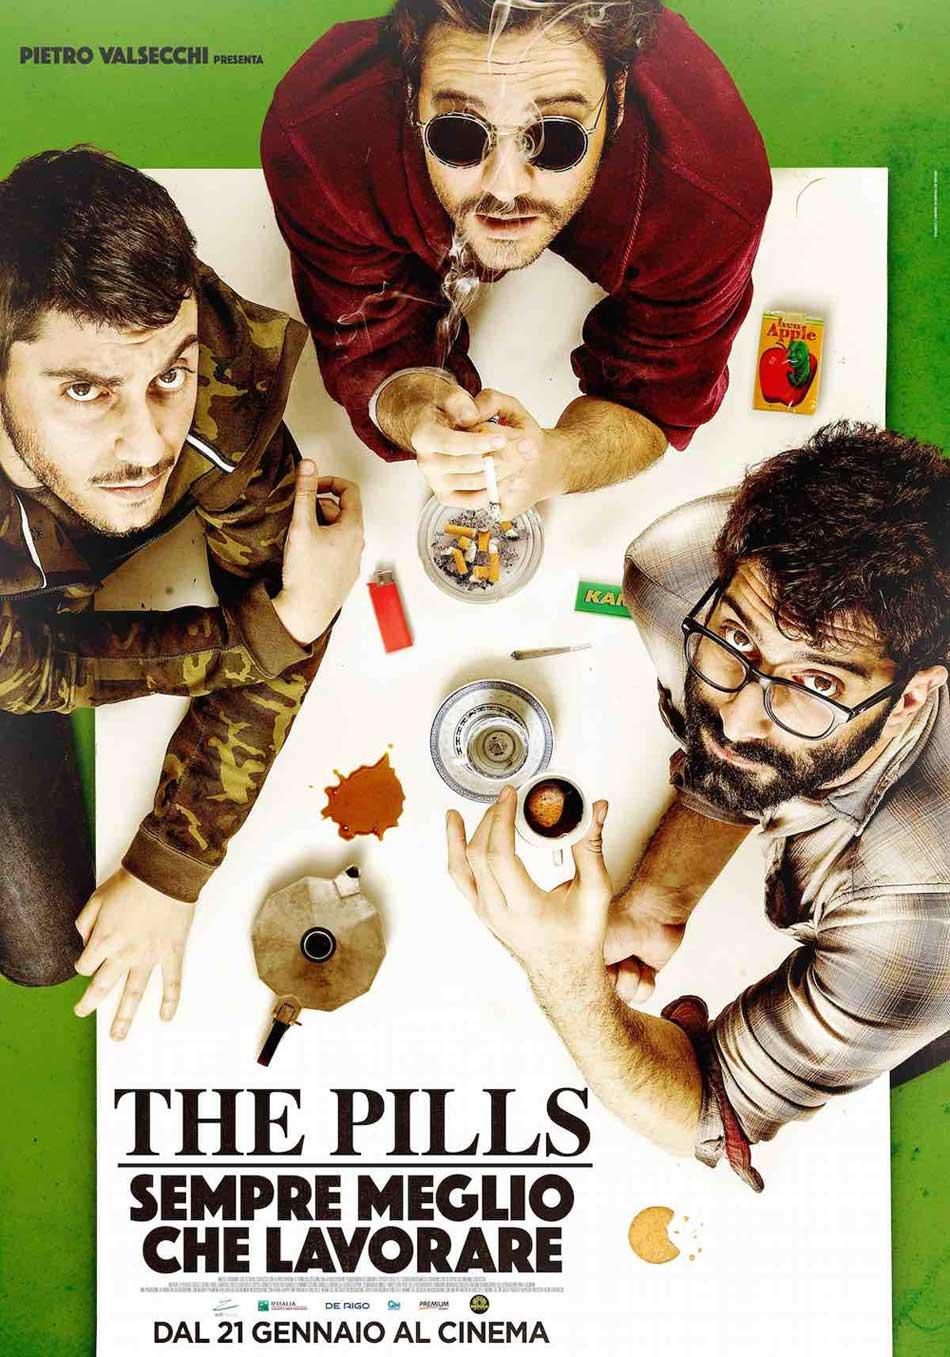 THE PILLS - SEMPRE MEGLIO CHE LAVORARE (DVD)